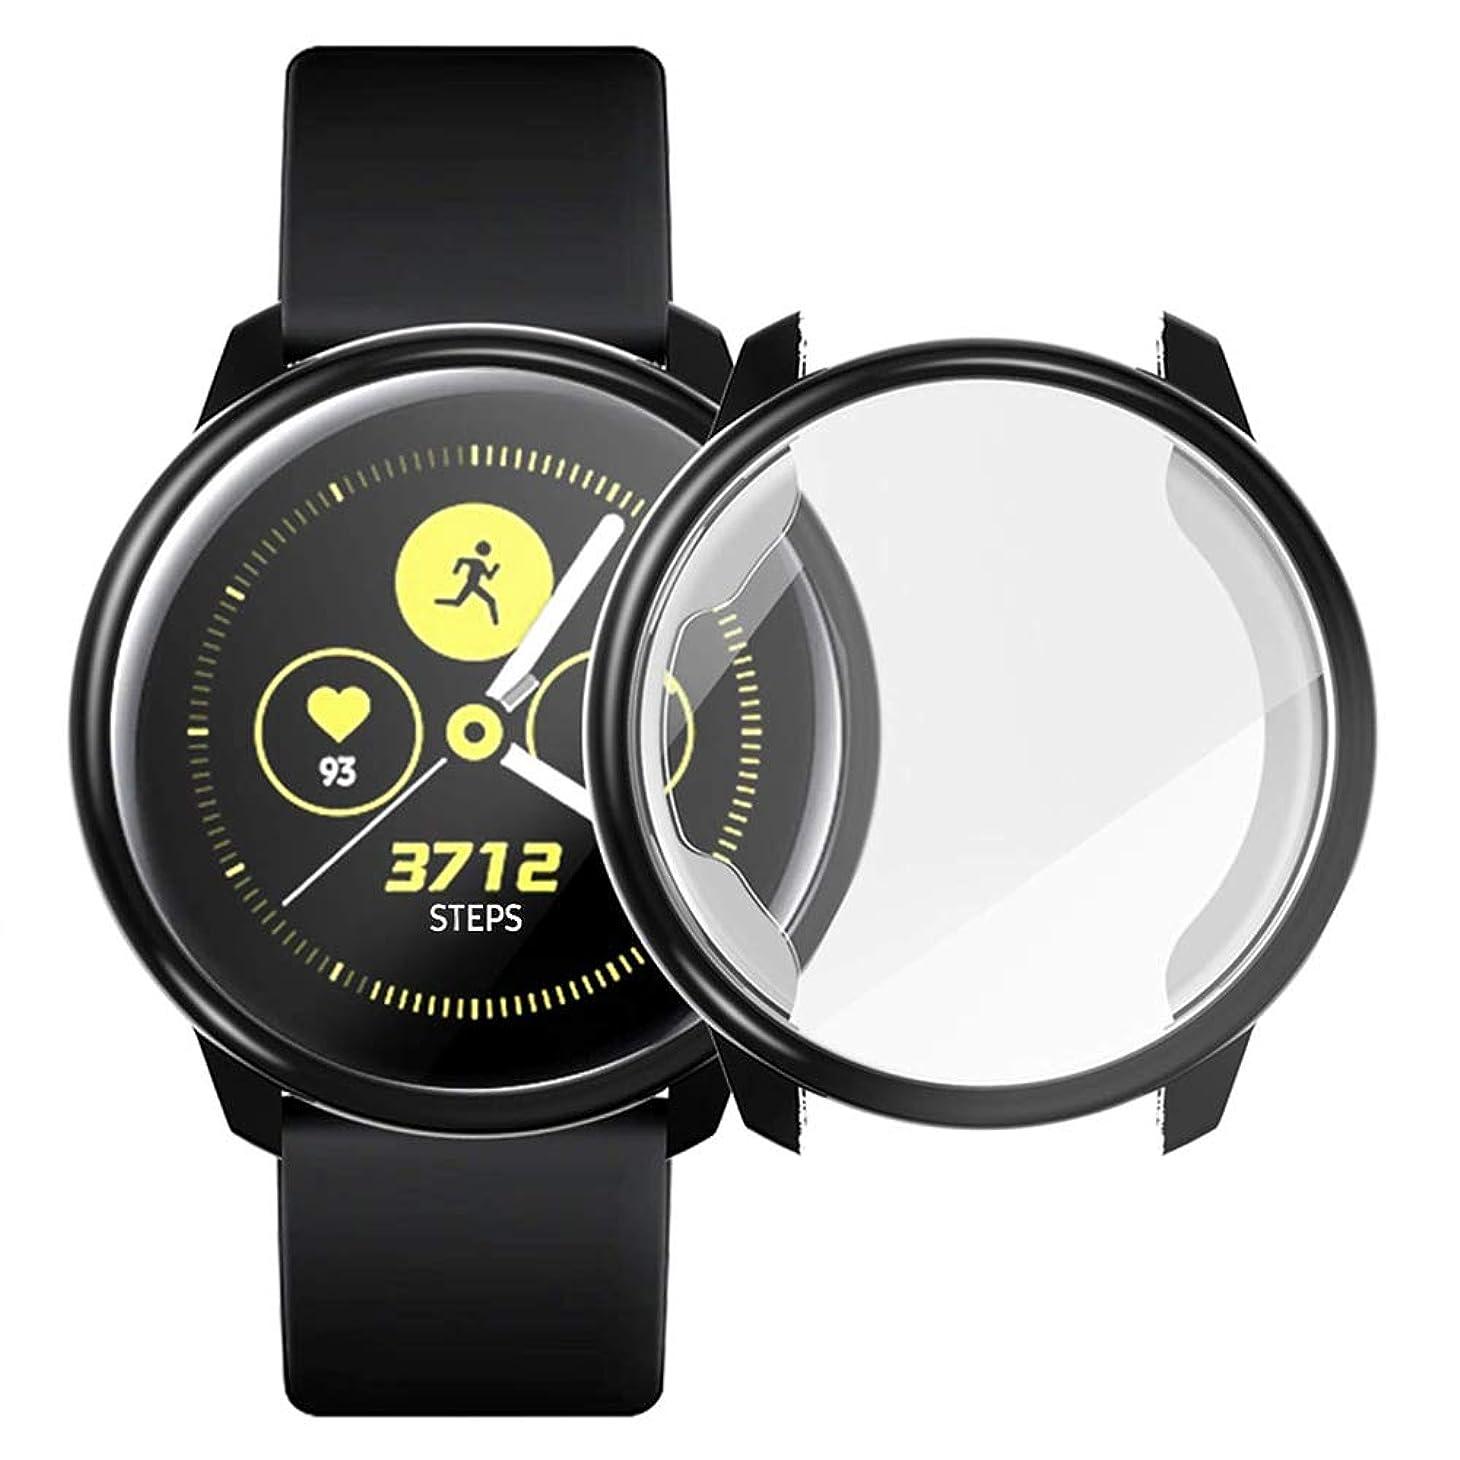 良い失態好奇心Miimall Samsung Galaxy Watch Active 40mm 専用ケース Samsung Galaxy Watch Activeカバー ソフト TPU材質 ぴったり対応 擦り傷防止 軽量 薄型 防衝撃 Samsung Galaxy Watch Active 全面保護ケース (ブラック)